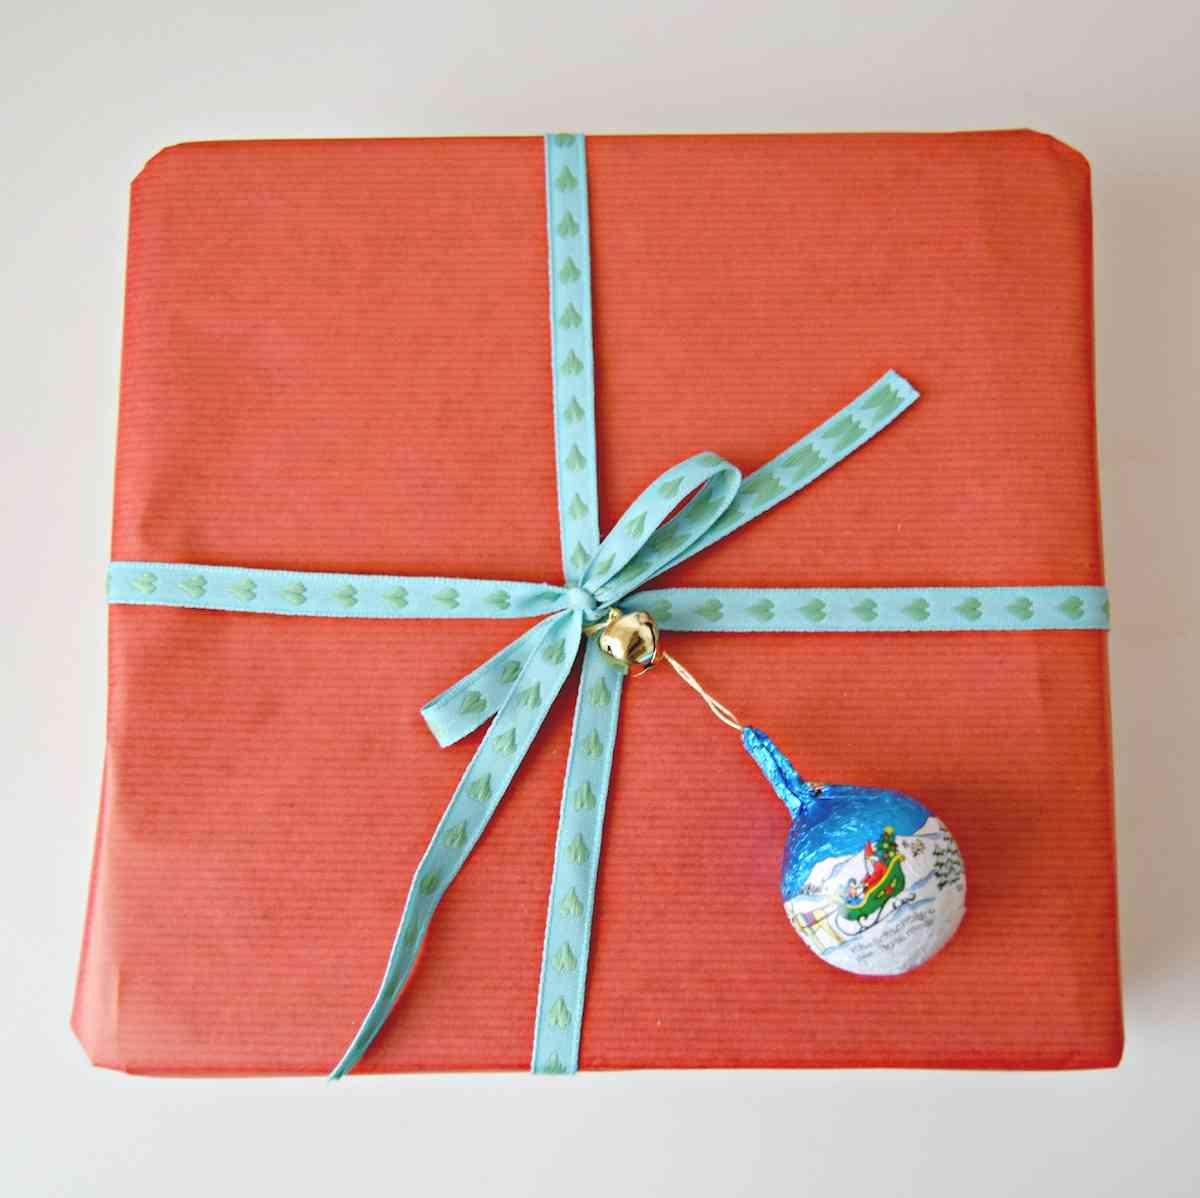 Como envolver regalos de Navidad - papel rojo y lazo azul